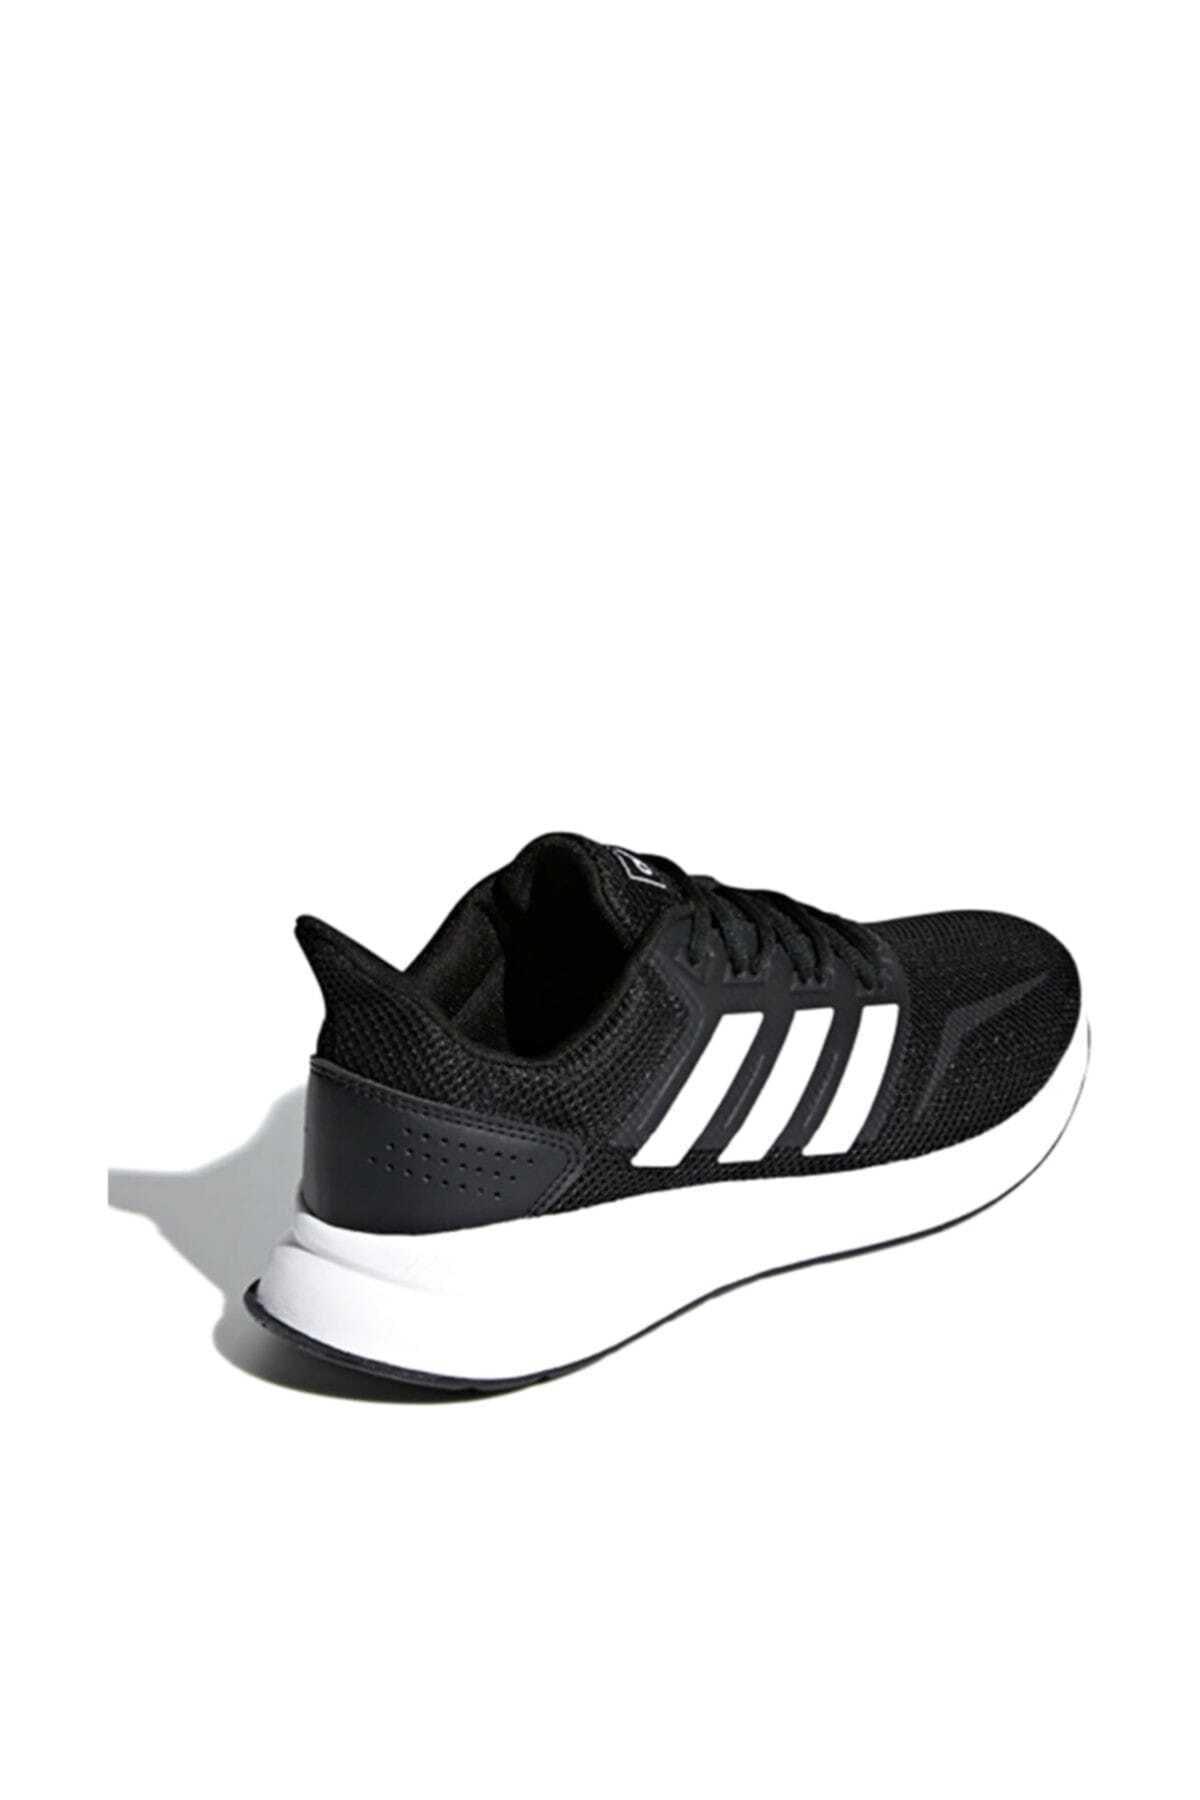 adidas RUNFALCON Erkek Koşu Ayakkabısı 2